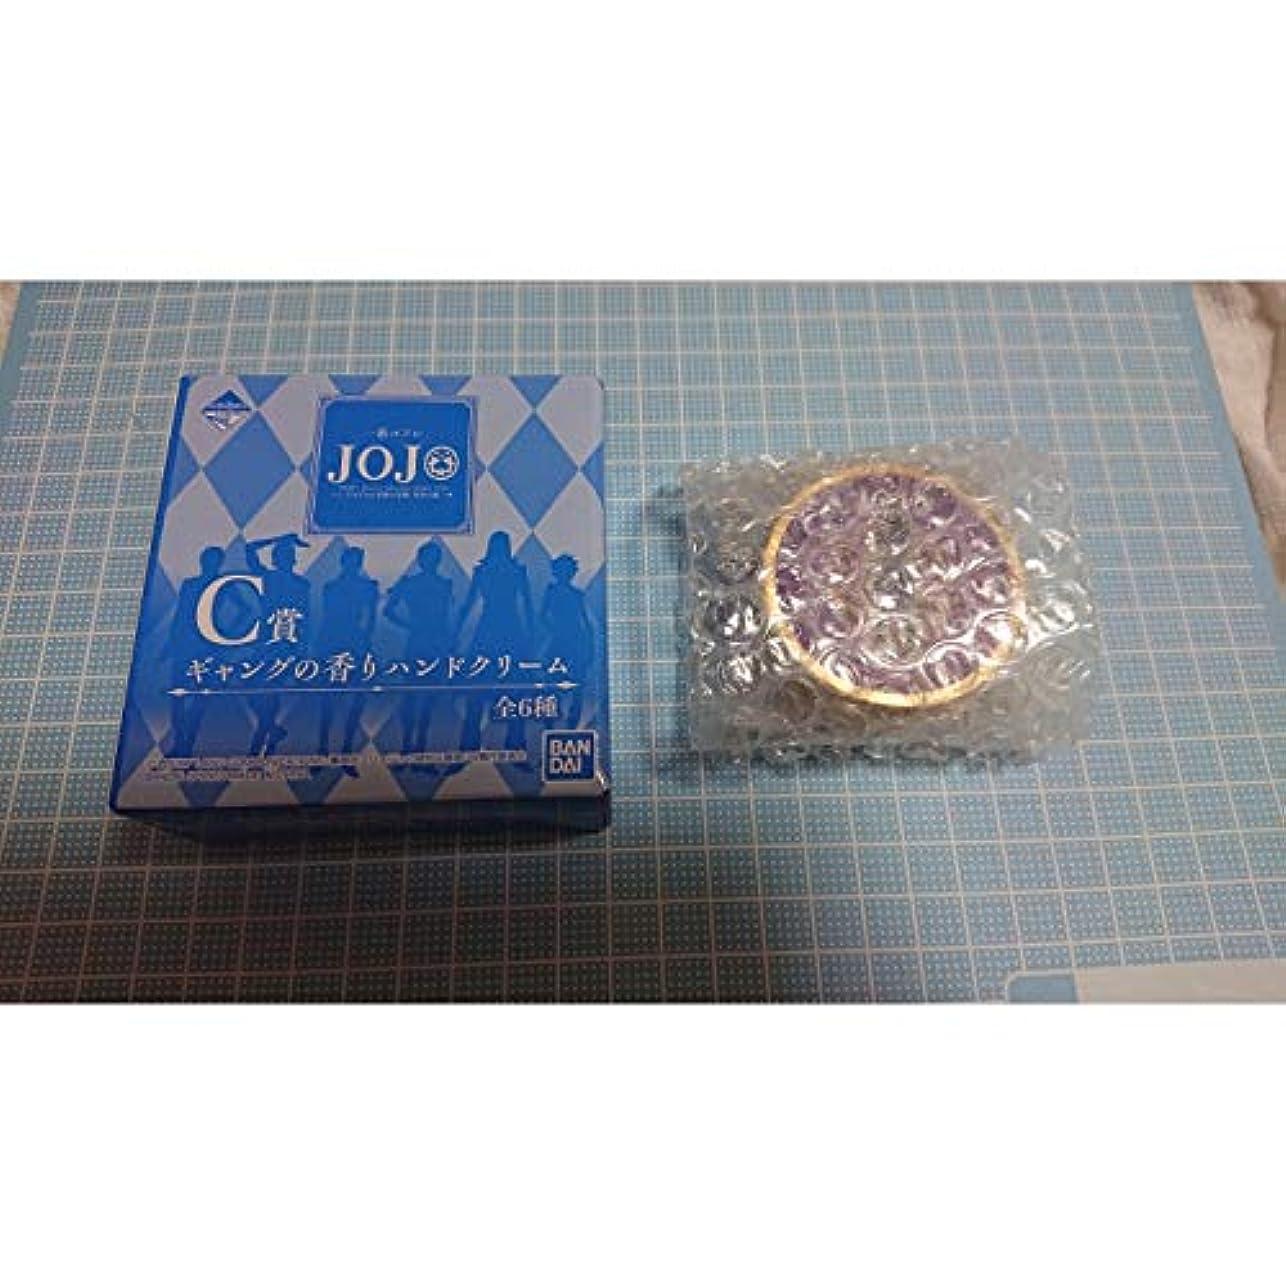 ステープル合理化砂利一番コフレ C賞 ハンドクリーム アバッキオ